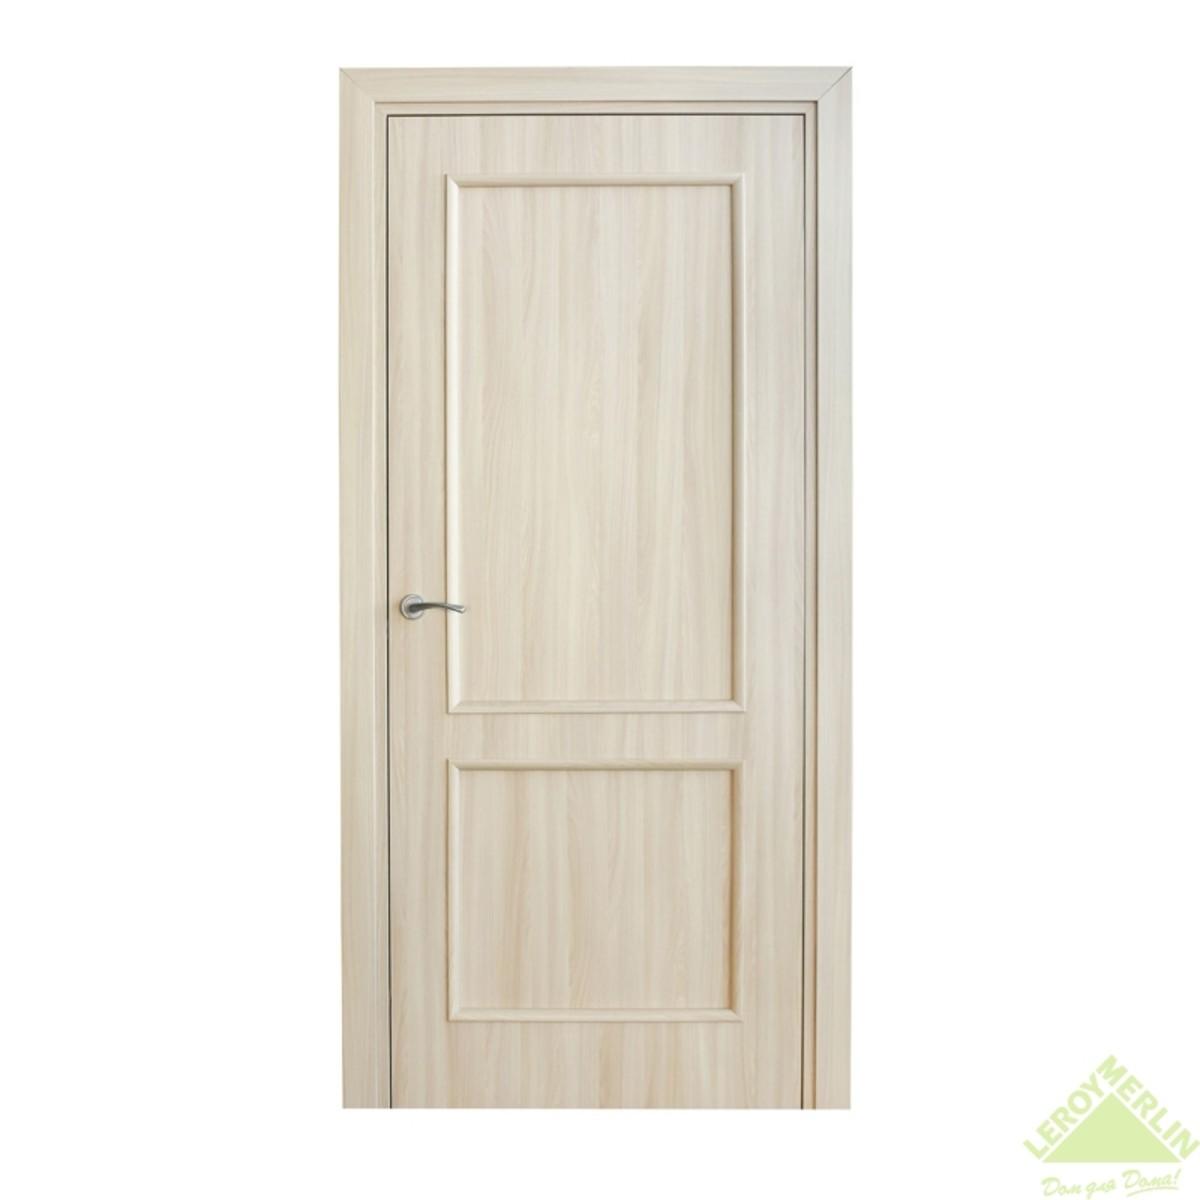 Дверь межкомнатная глухая Фортунато Классика 90x200 см ламинация цвет ясень